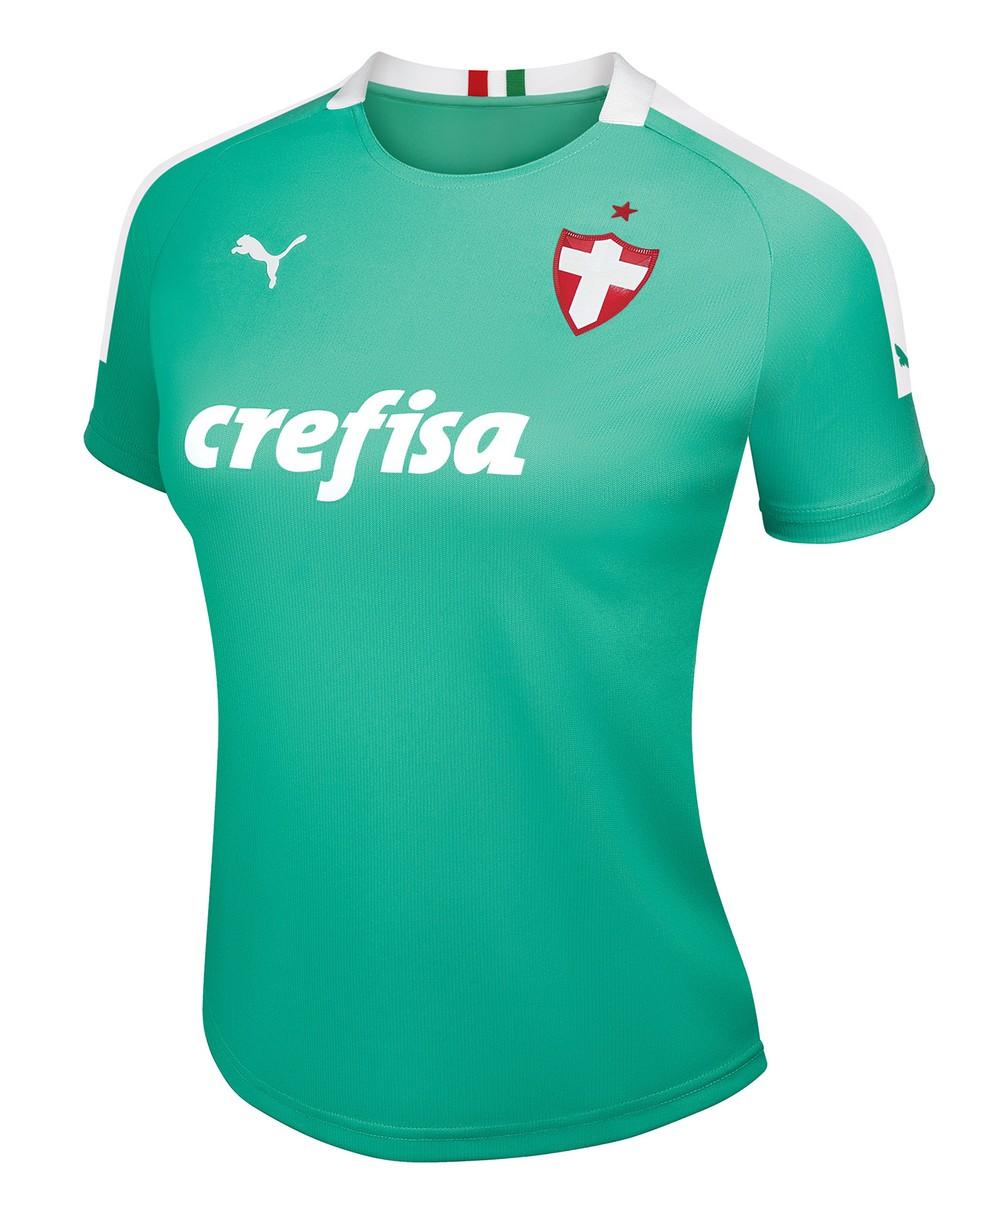 Camisa feminina do Palmeiras vai custar R$ 229,90 — Foto: Divulgação/Palmeiras